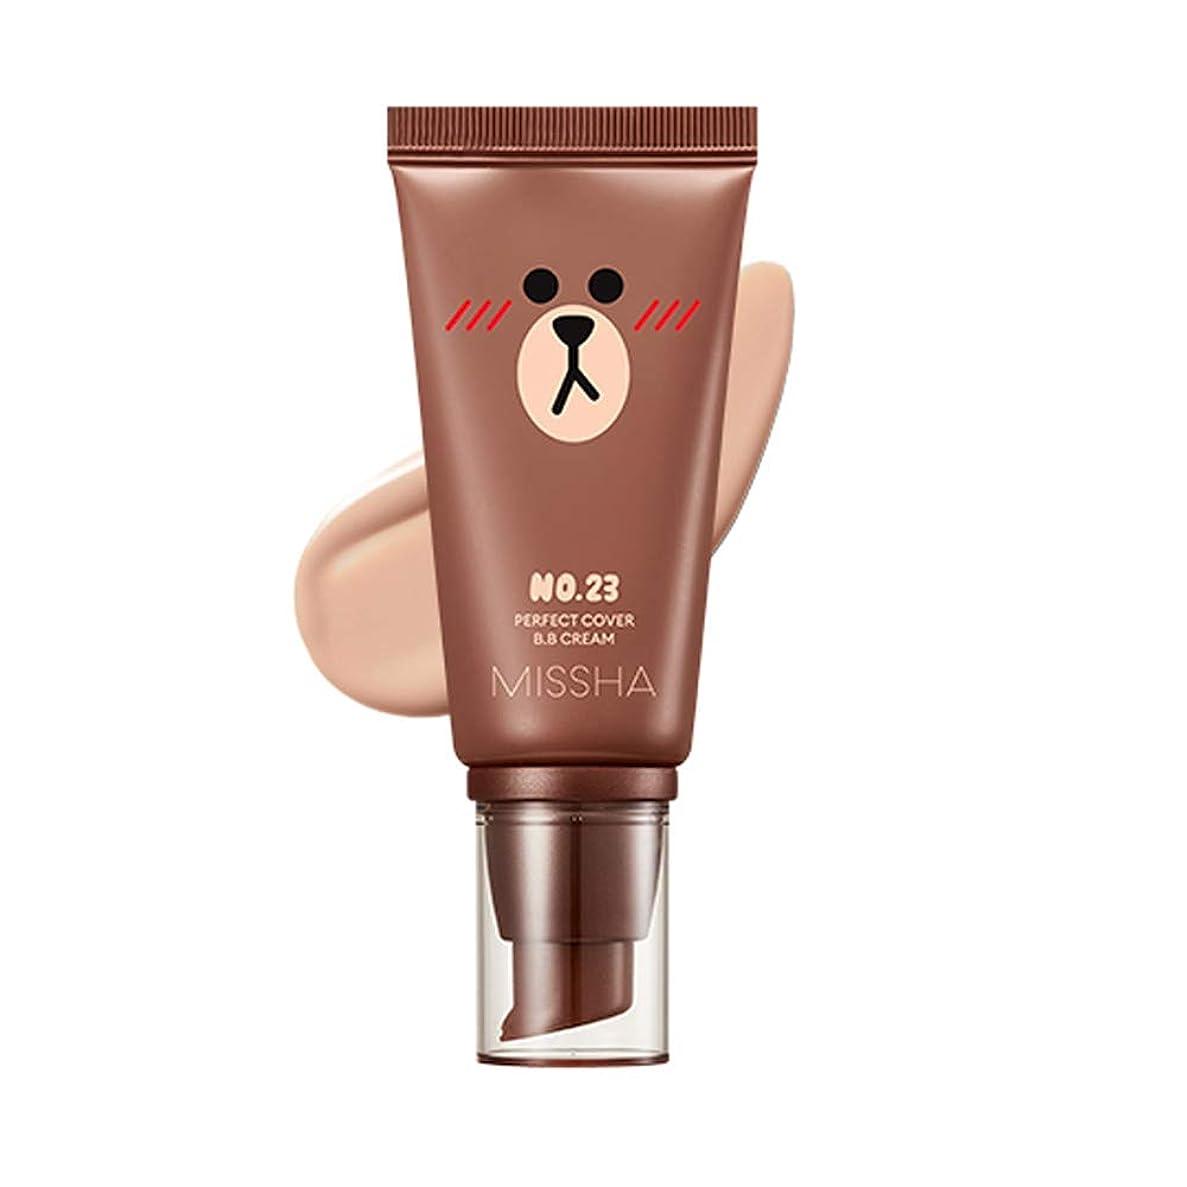 背景ワゴンストレスの多いMissha M Perfect Cover BB Cream SPF42 PA+++ [Line Friends Edition] ミシャ(ラインフレンズ)MパーフェクトカバーB.Bクリーム (#23 Natural Beige) [並行輸入品]